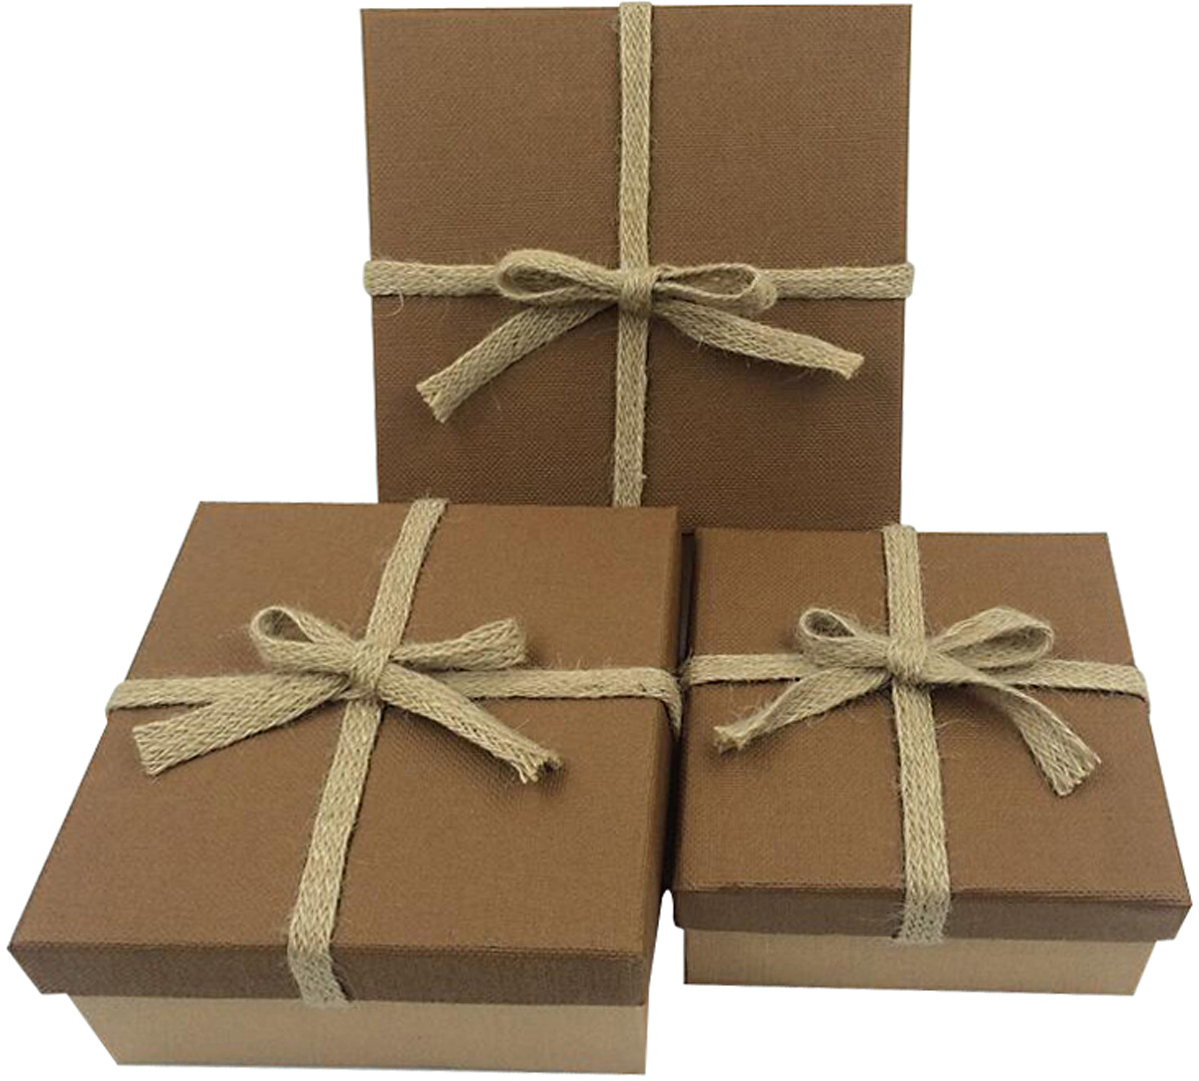 Набор подарочных коробок Veld-Co Молочный шоколад, 3 шт аксессуары veld co набор переводных татуировок черепа